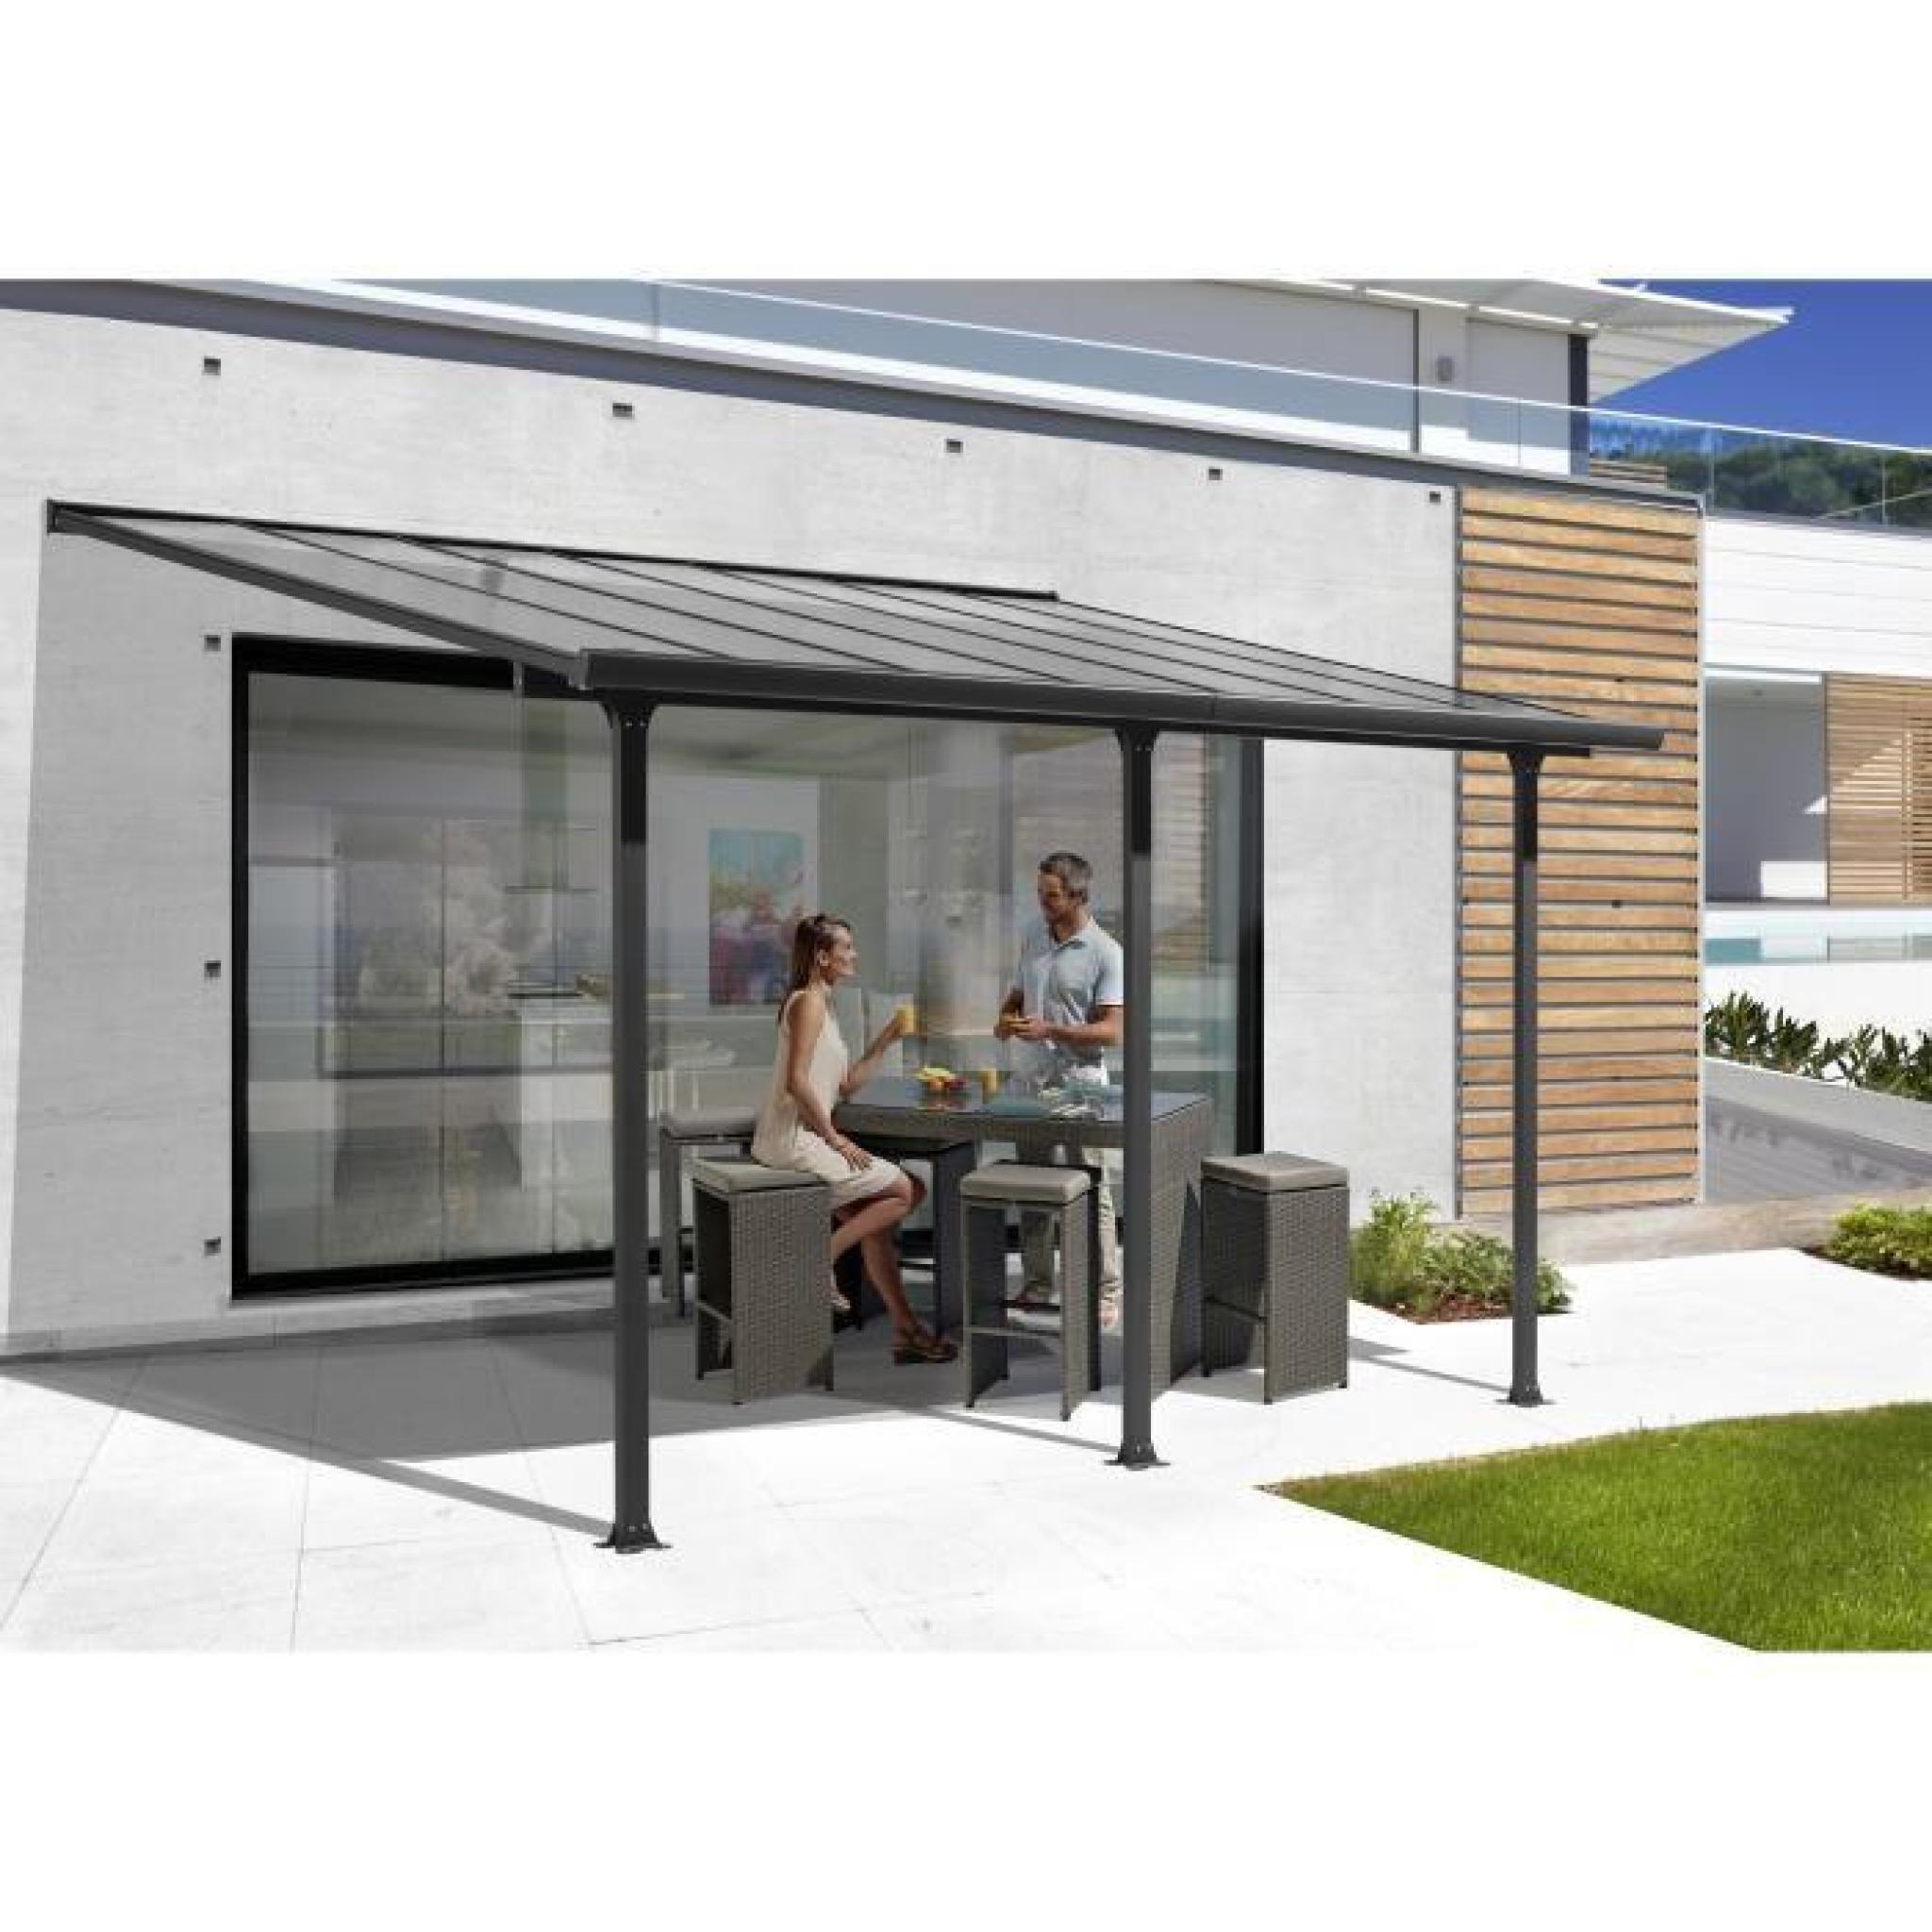 Toit-Terrasse Aluminium 15,38 M² - 501 X L 307 Cm - Gris Anthracite avec Toit Terrasse Aluminium